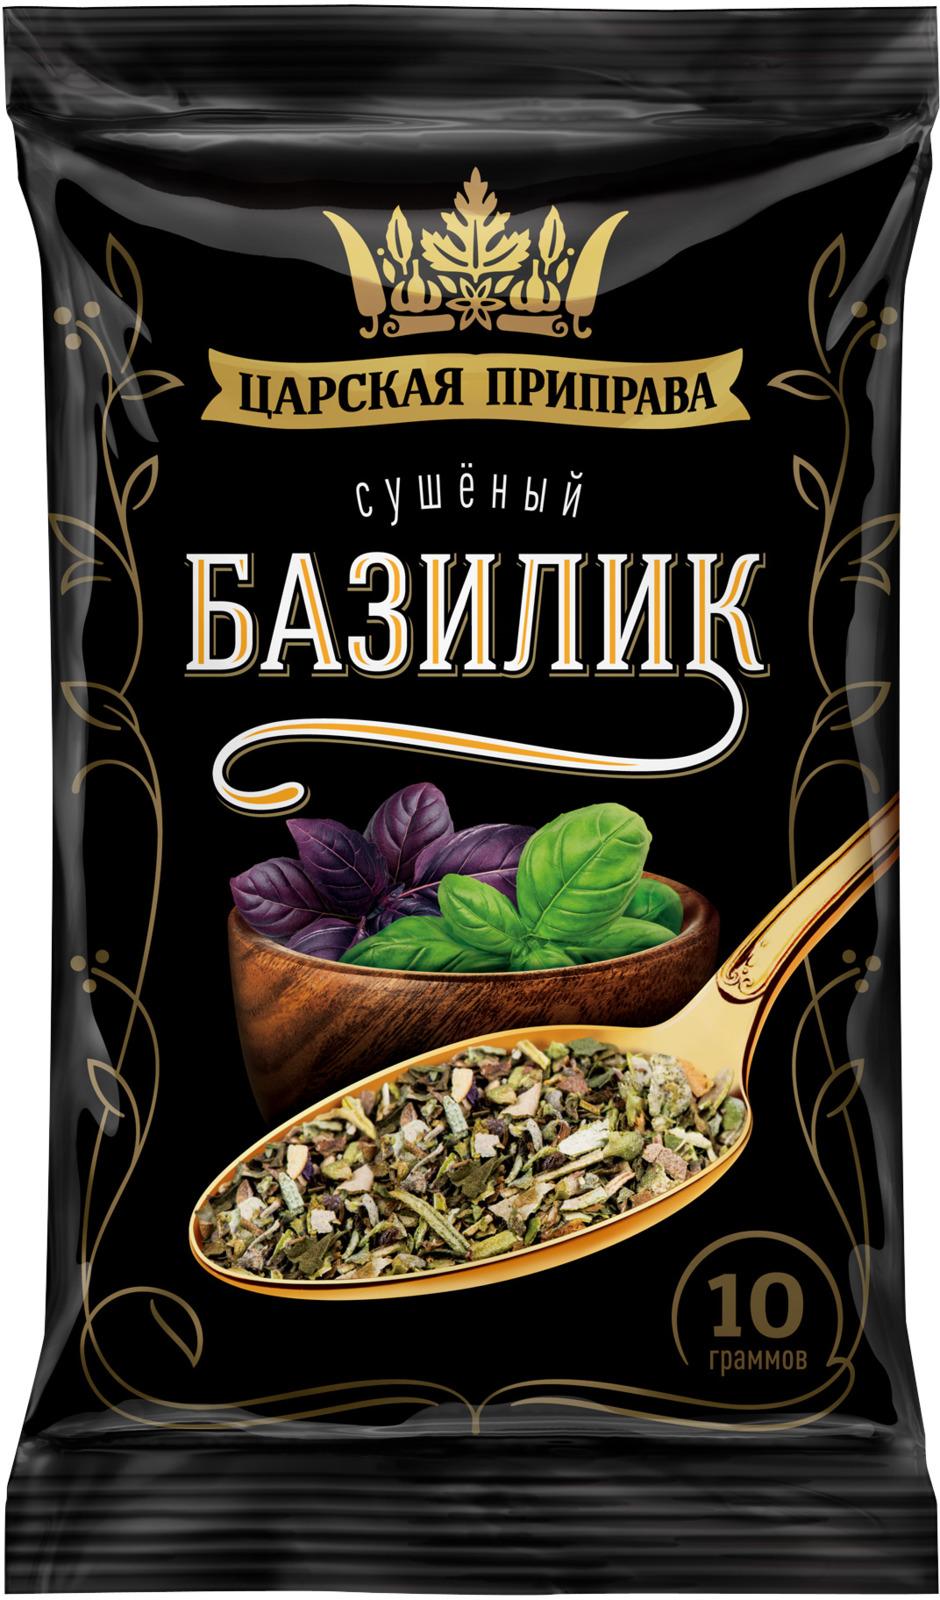 лучшая цена Царская приправа базилик зелень сушеная, 4 пакетика по 10 г